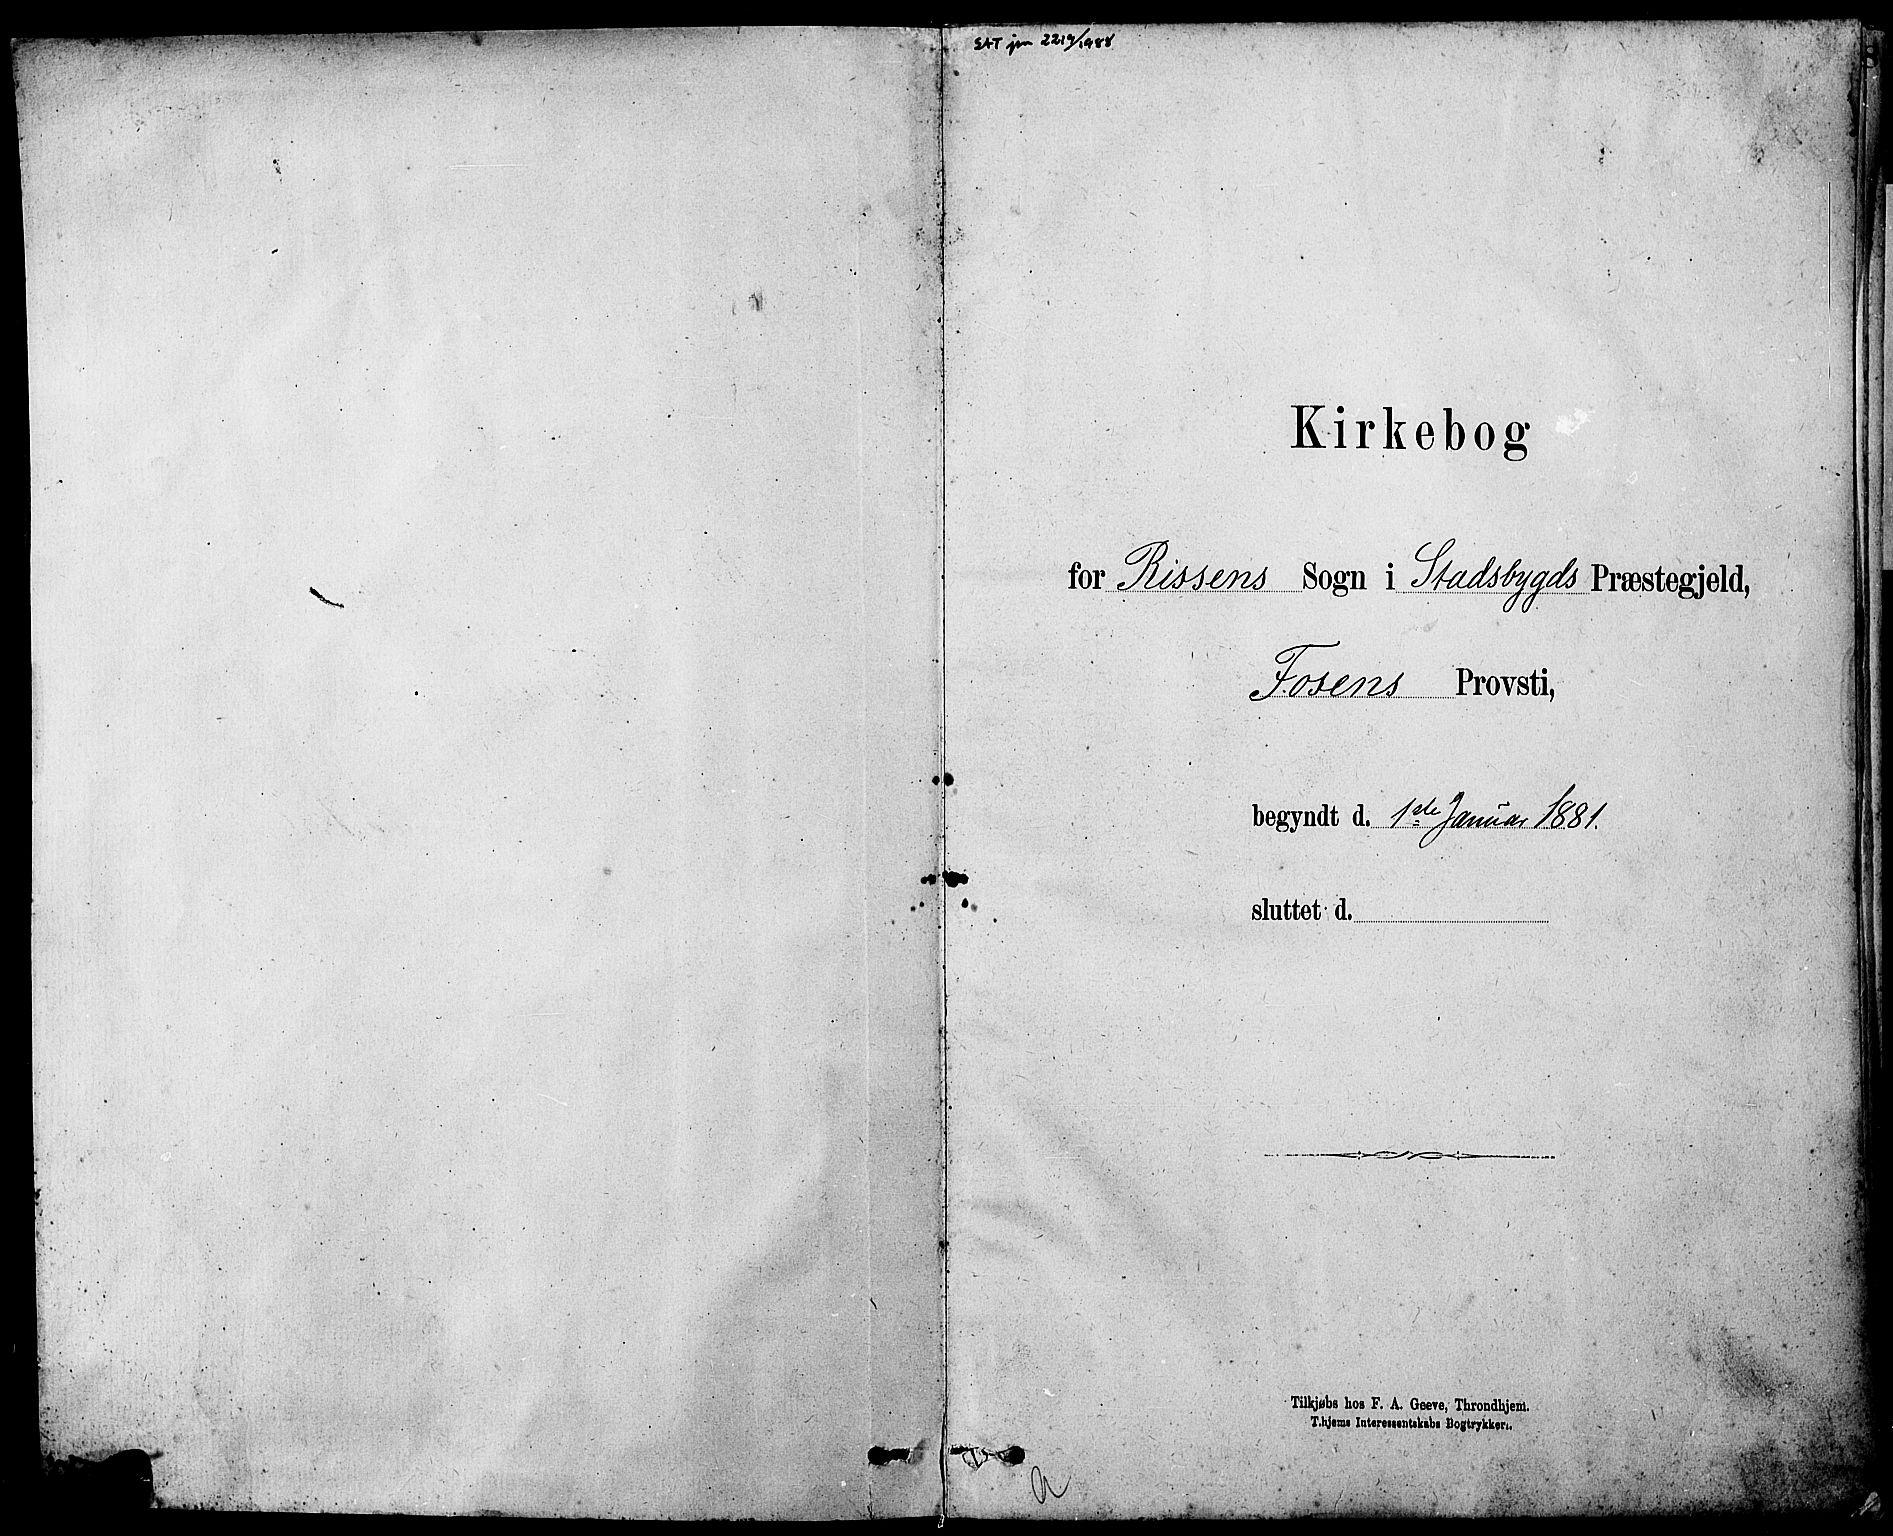 SAT, Ministerialprotokoller, klokkerbøker og fødselsregistre - Sør-Trøndelag, 647/L0636: Klokkerbok nr. 647C01, 1881-1884